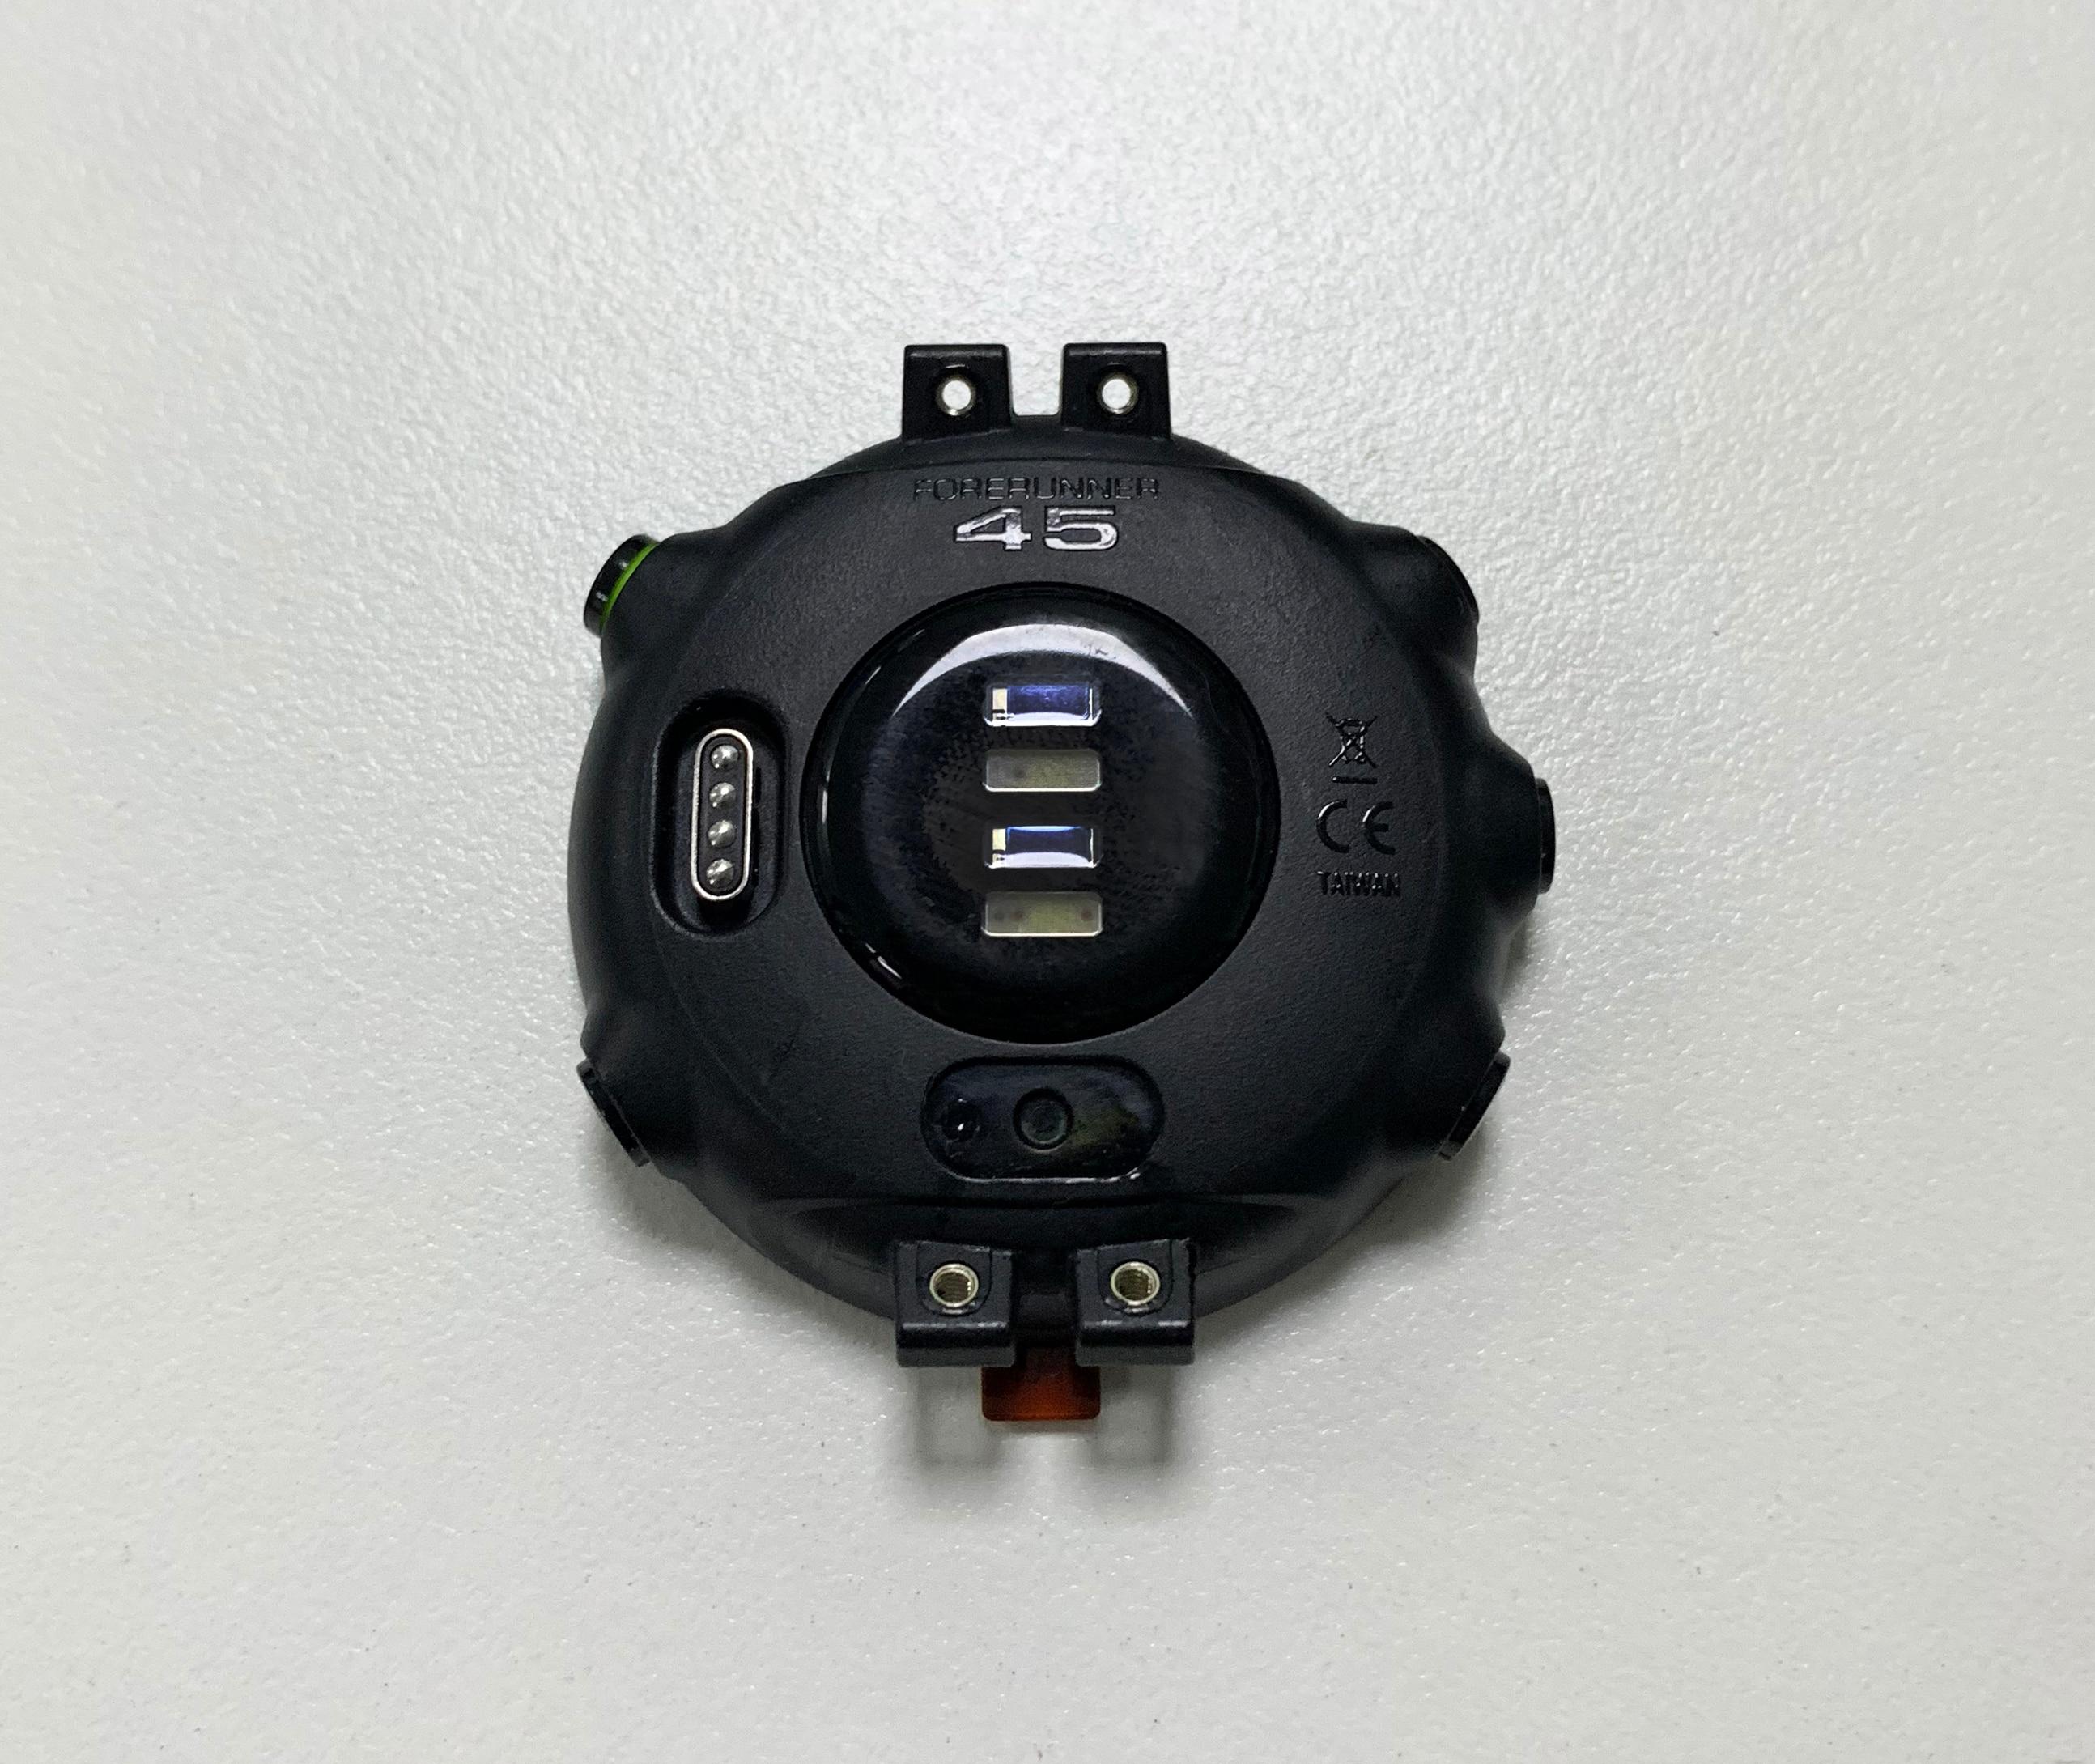 الغطاء الخلفي بدون بطارية ل Garmin forerunner 45 ساعة بـ GPS الإسكان شل استبدال إصلاح أجزاء جزء